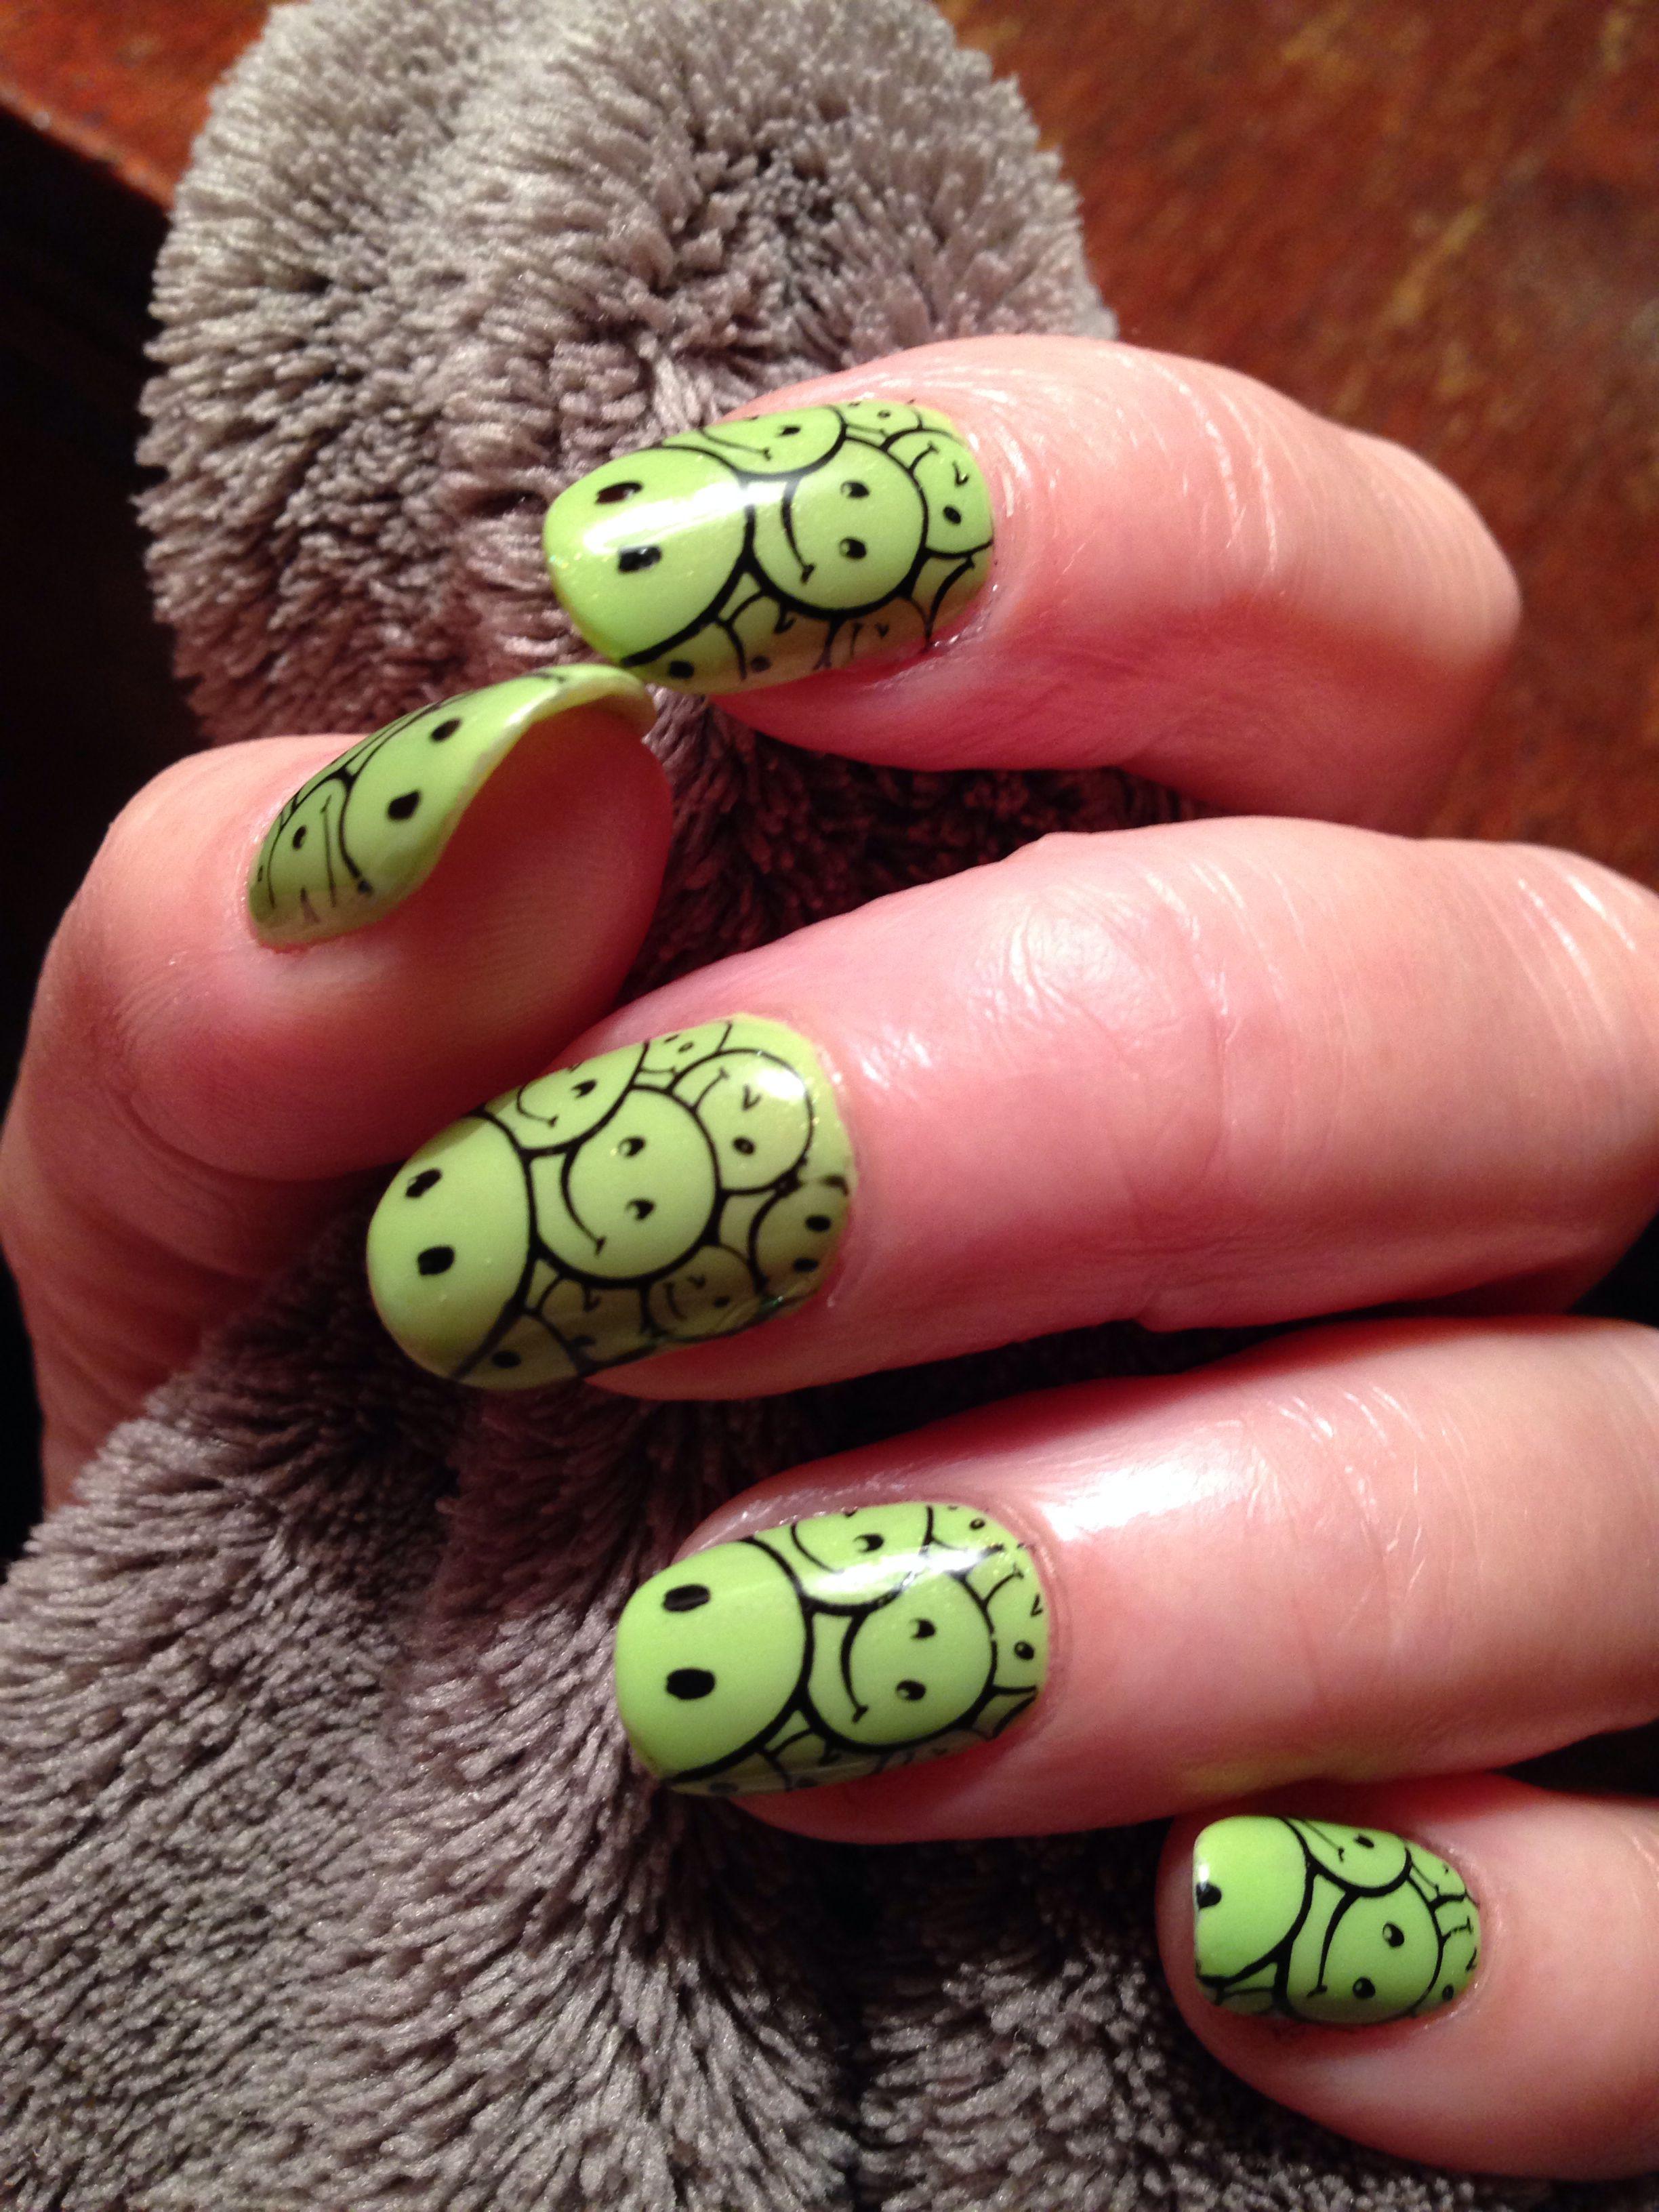 Smiley face nails | Fun nails, Nails, Smiley face